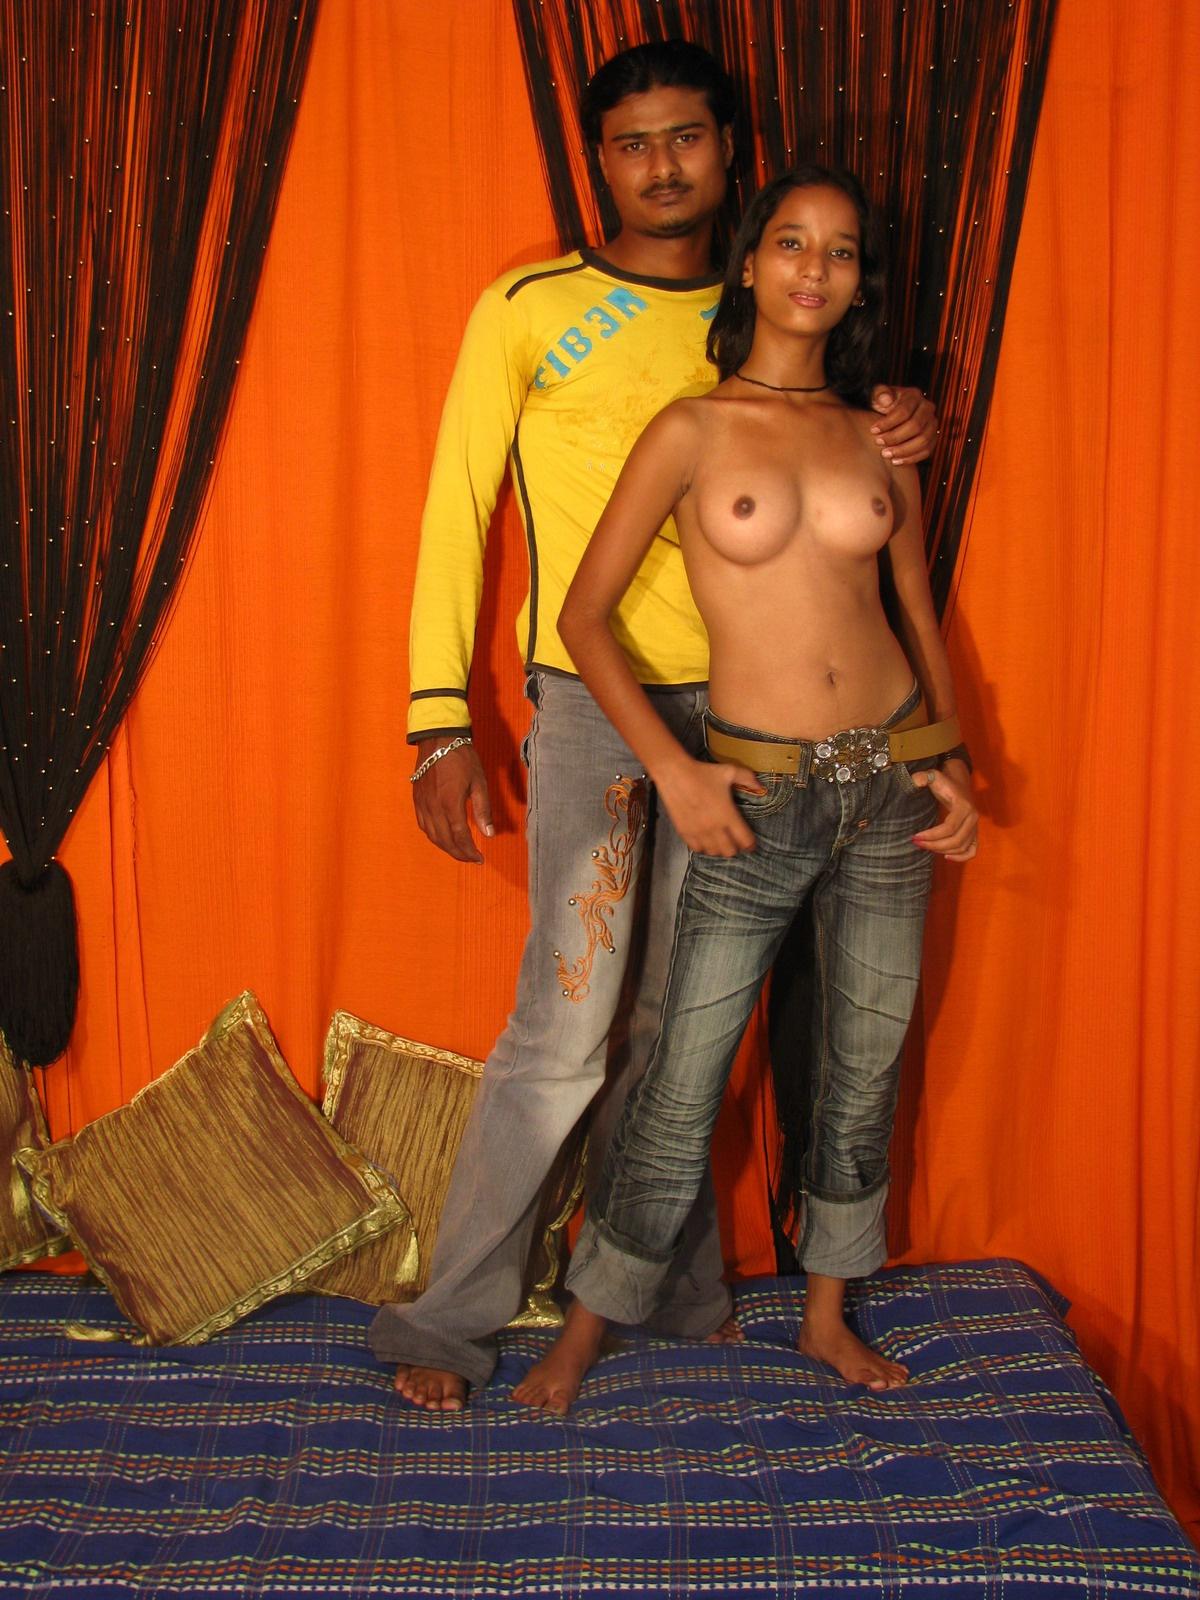 Эротически фото индийски девушек 14 фотография